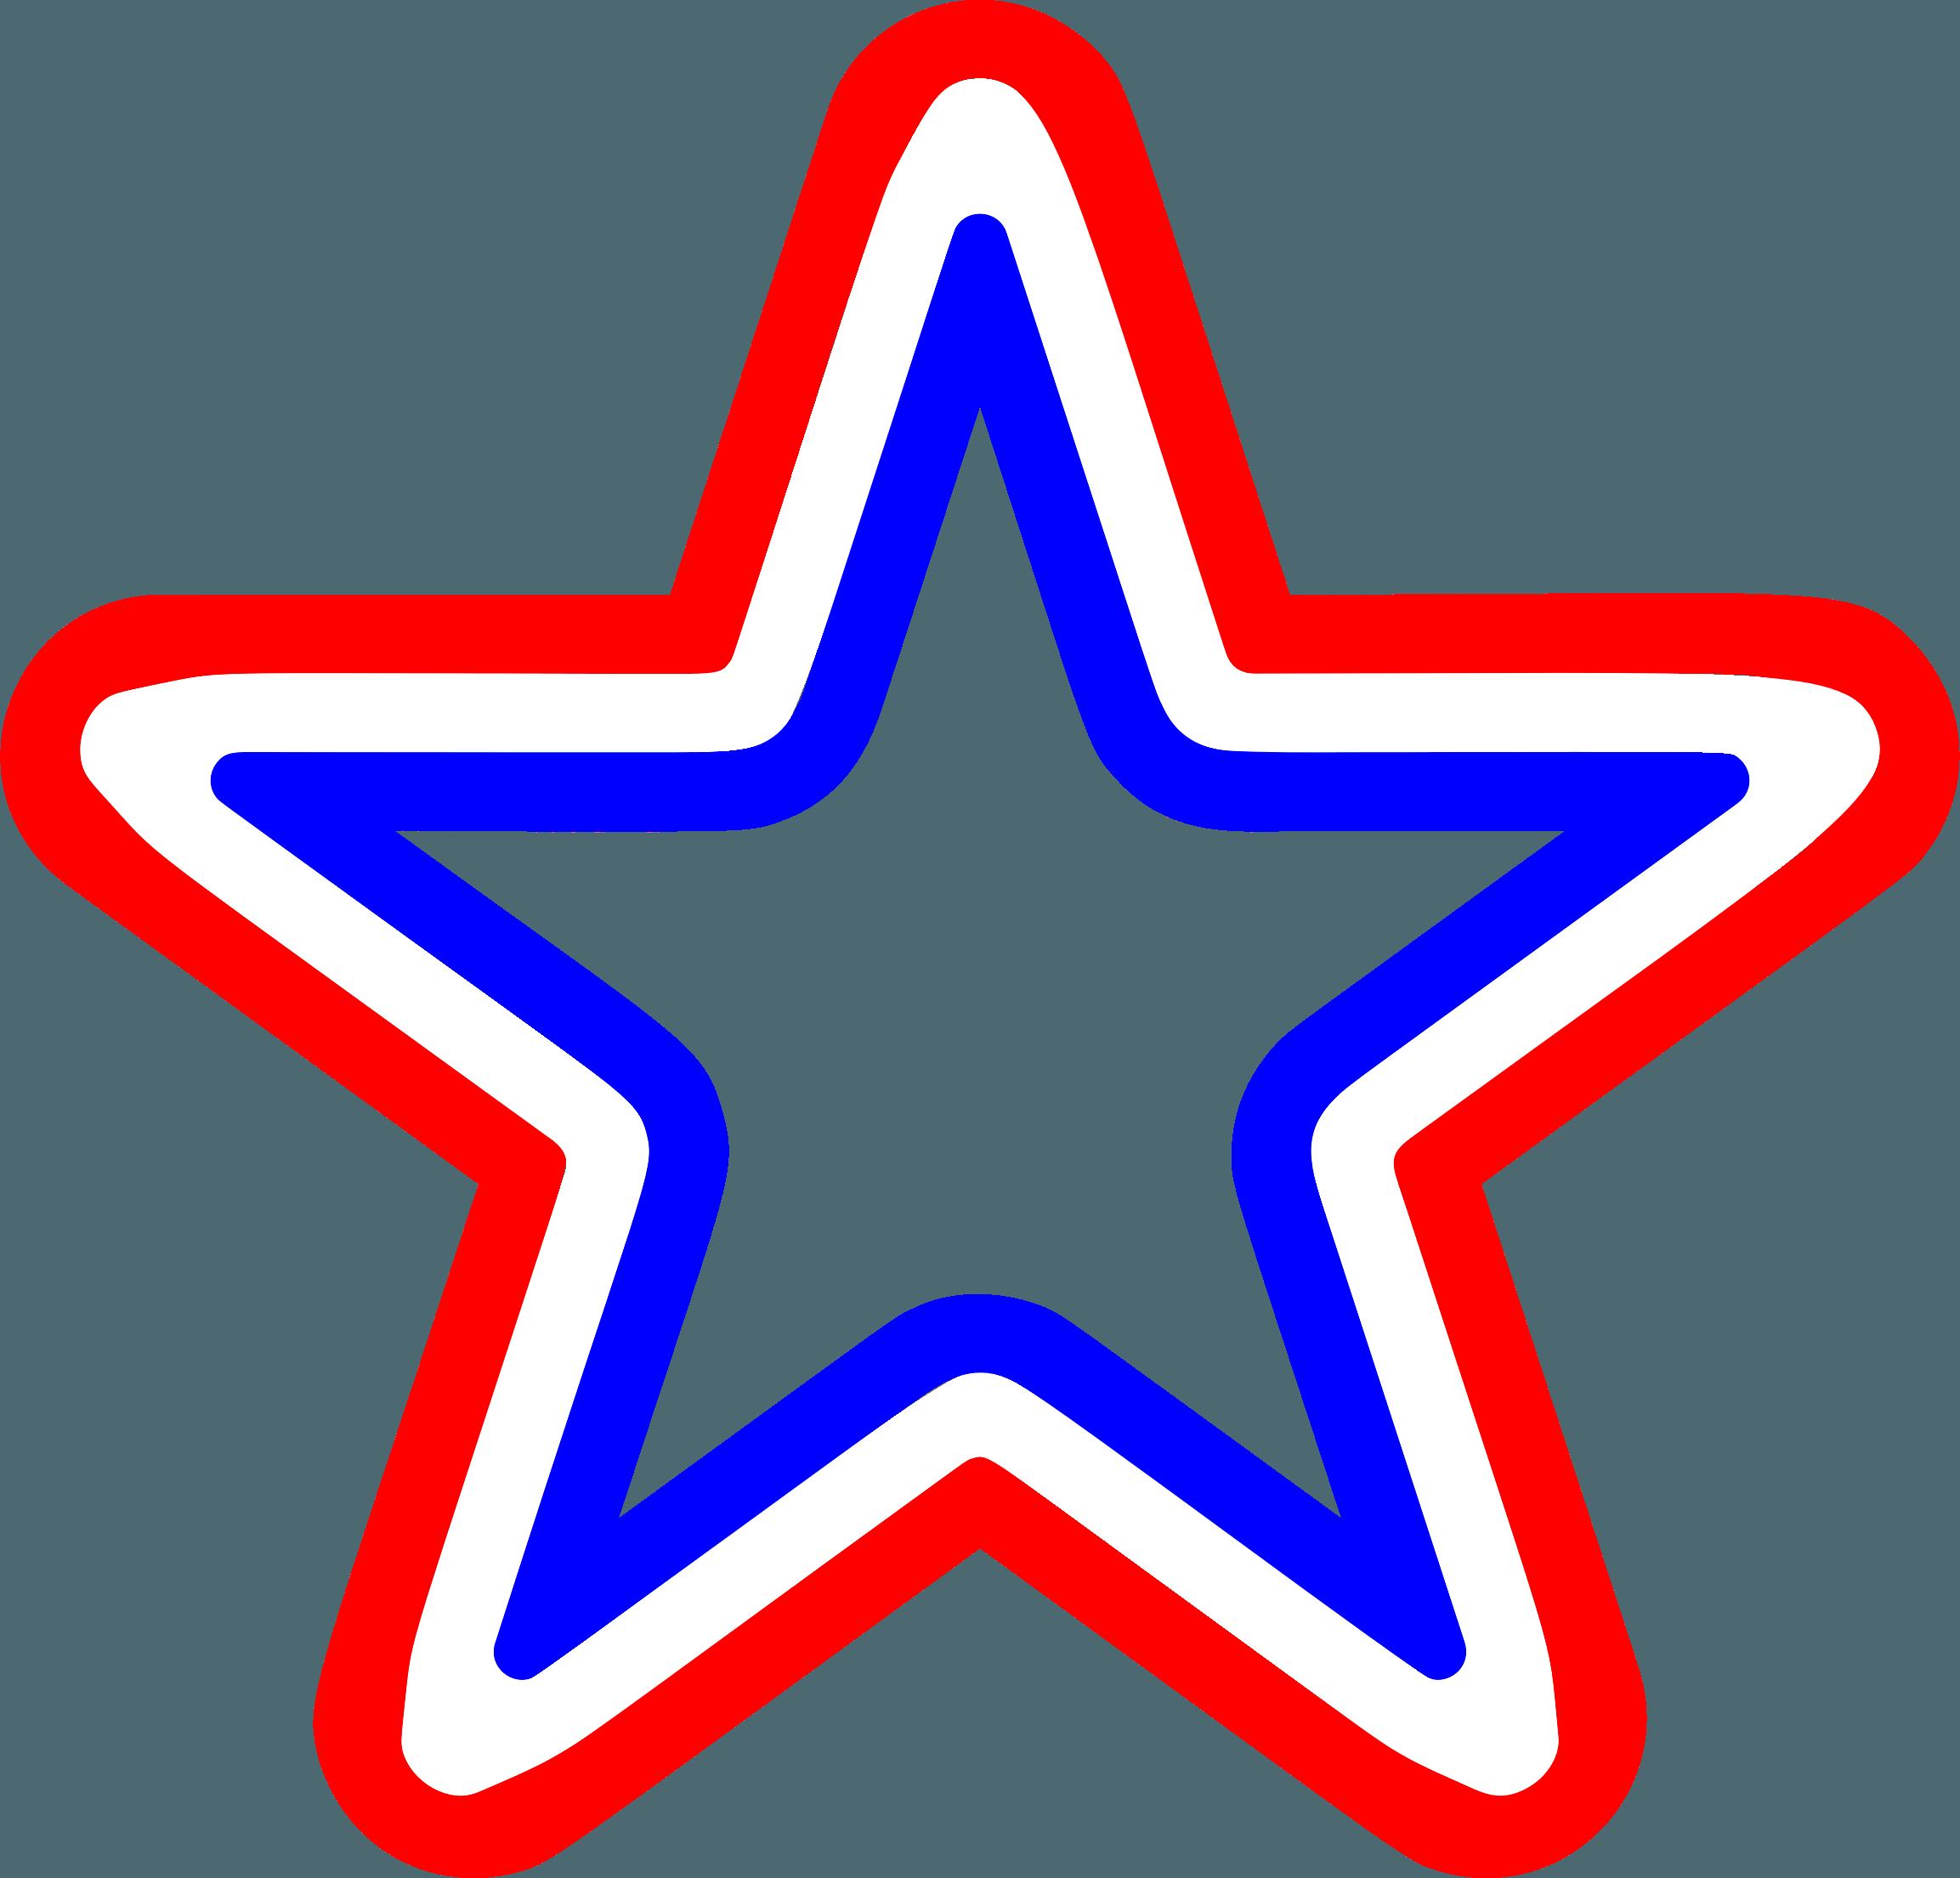 Red White Blue Star Logo.